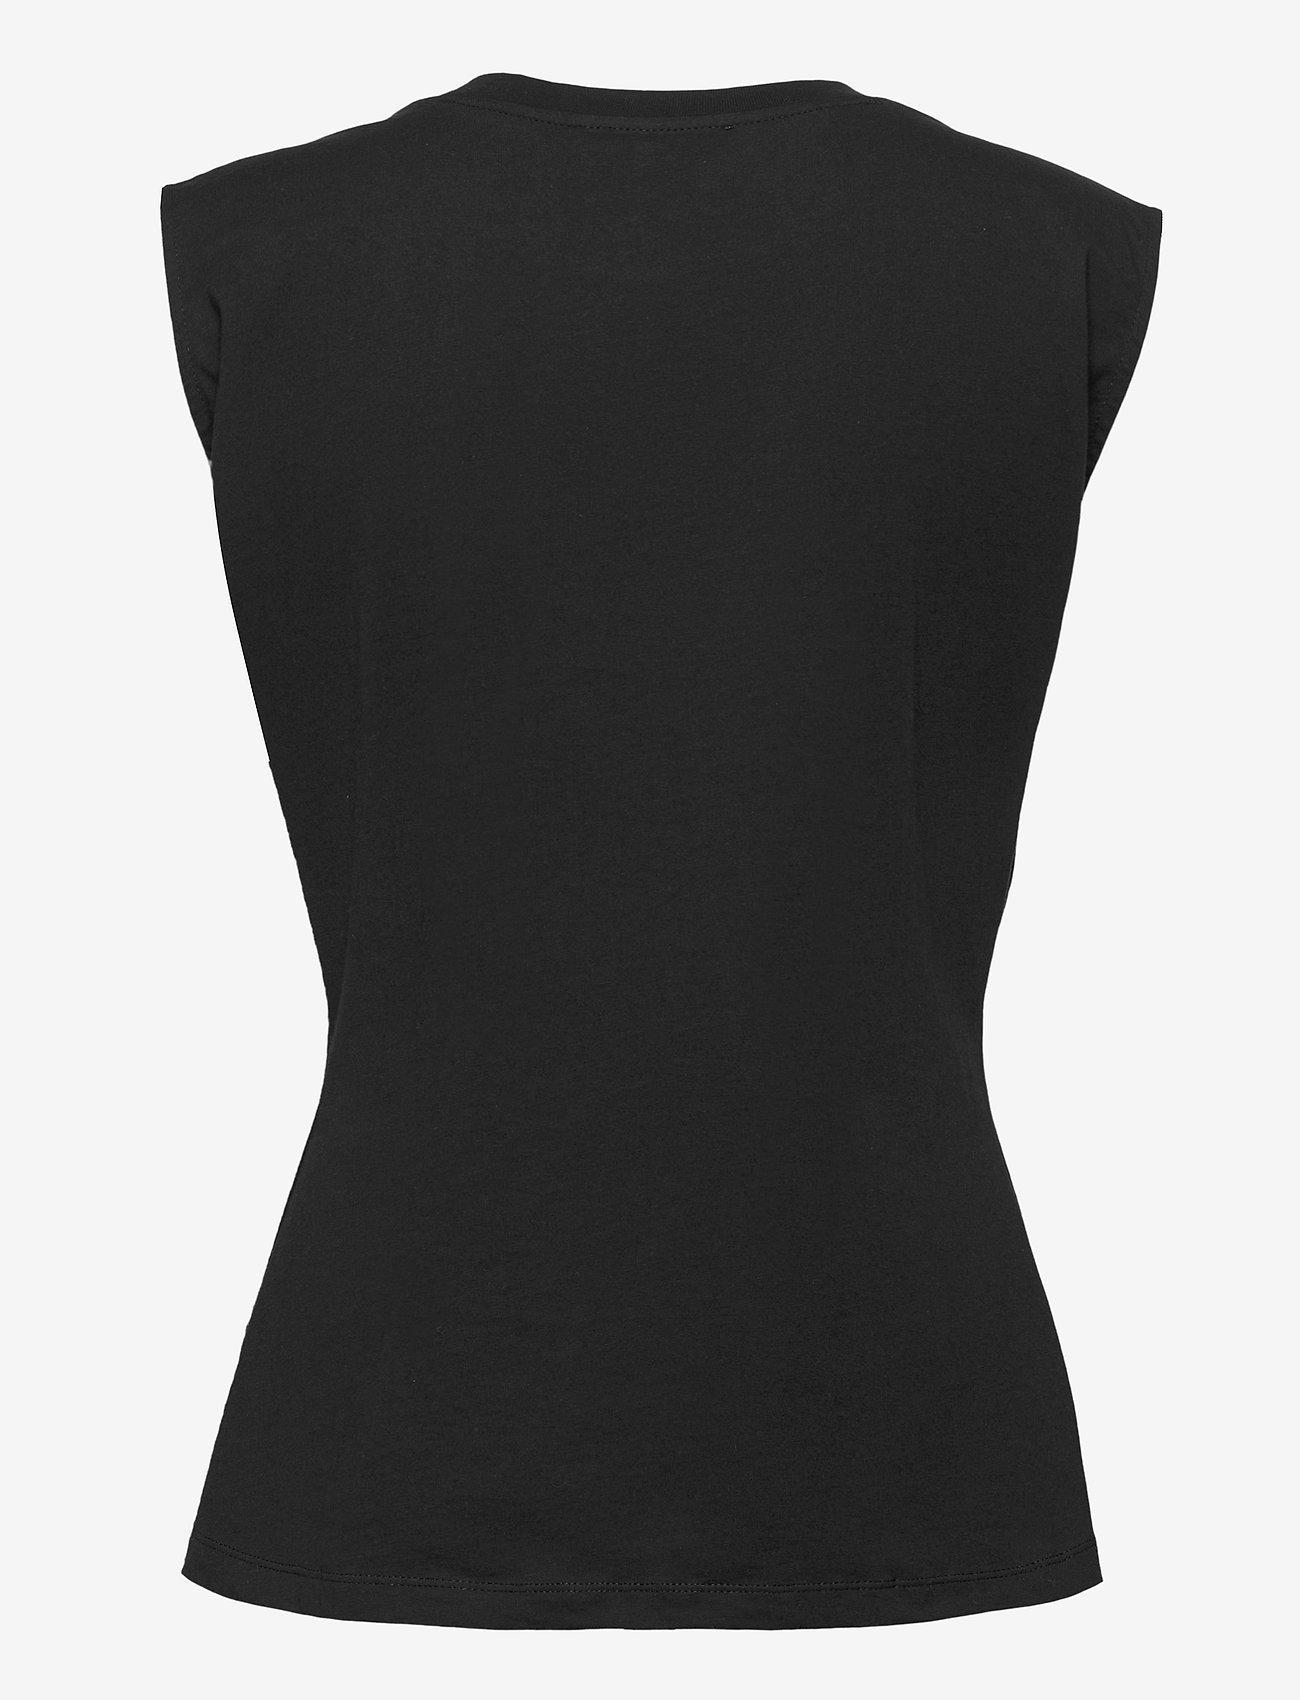 NORR - Augustin top - sleeveless blouses - black - 1